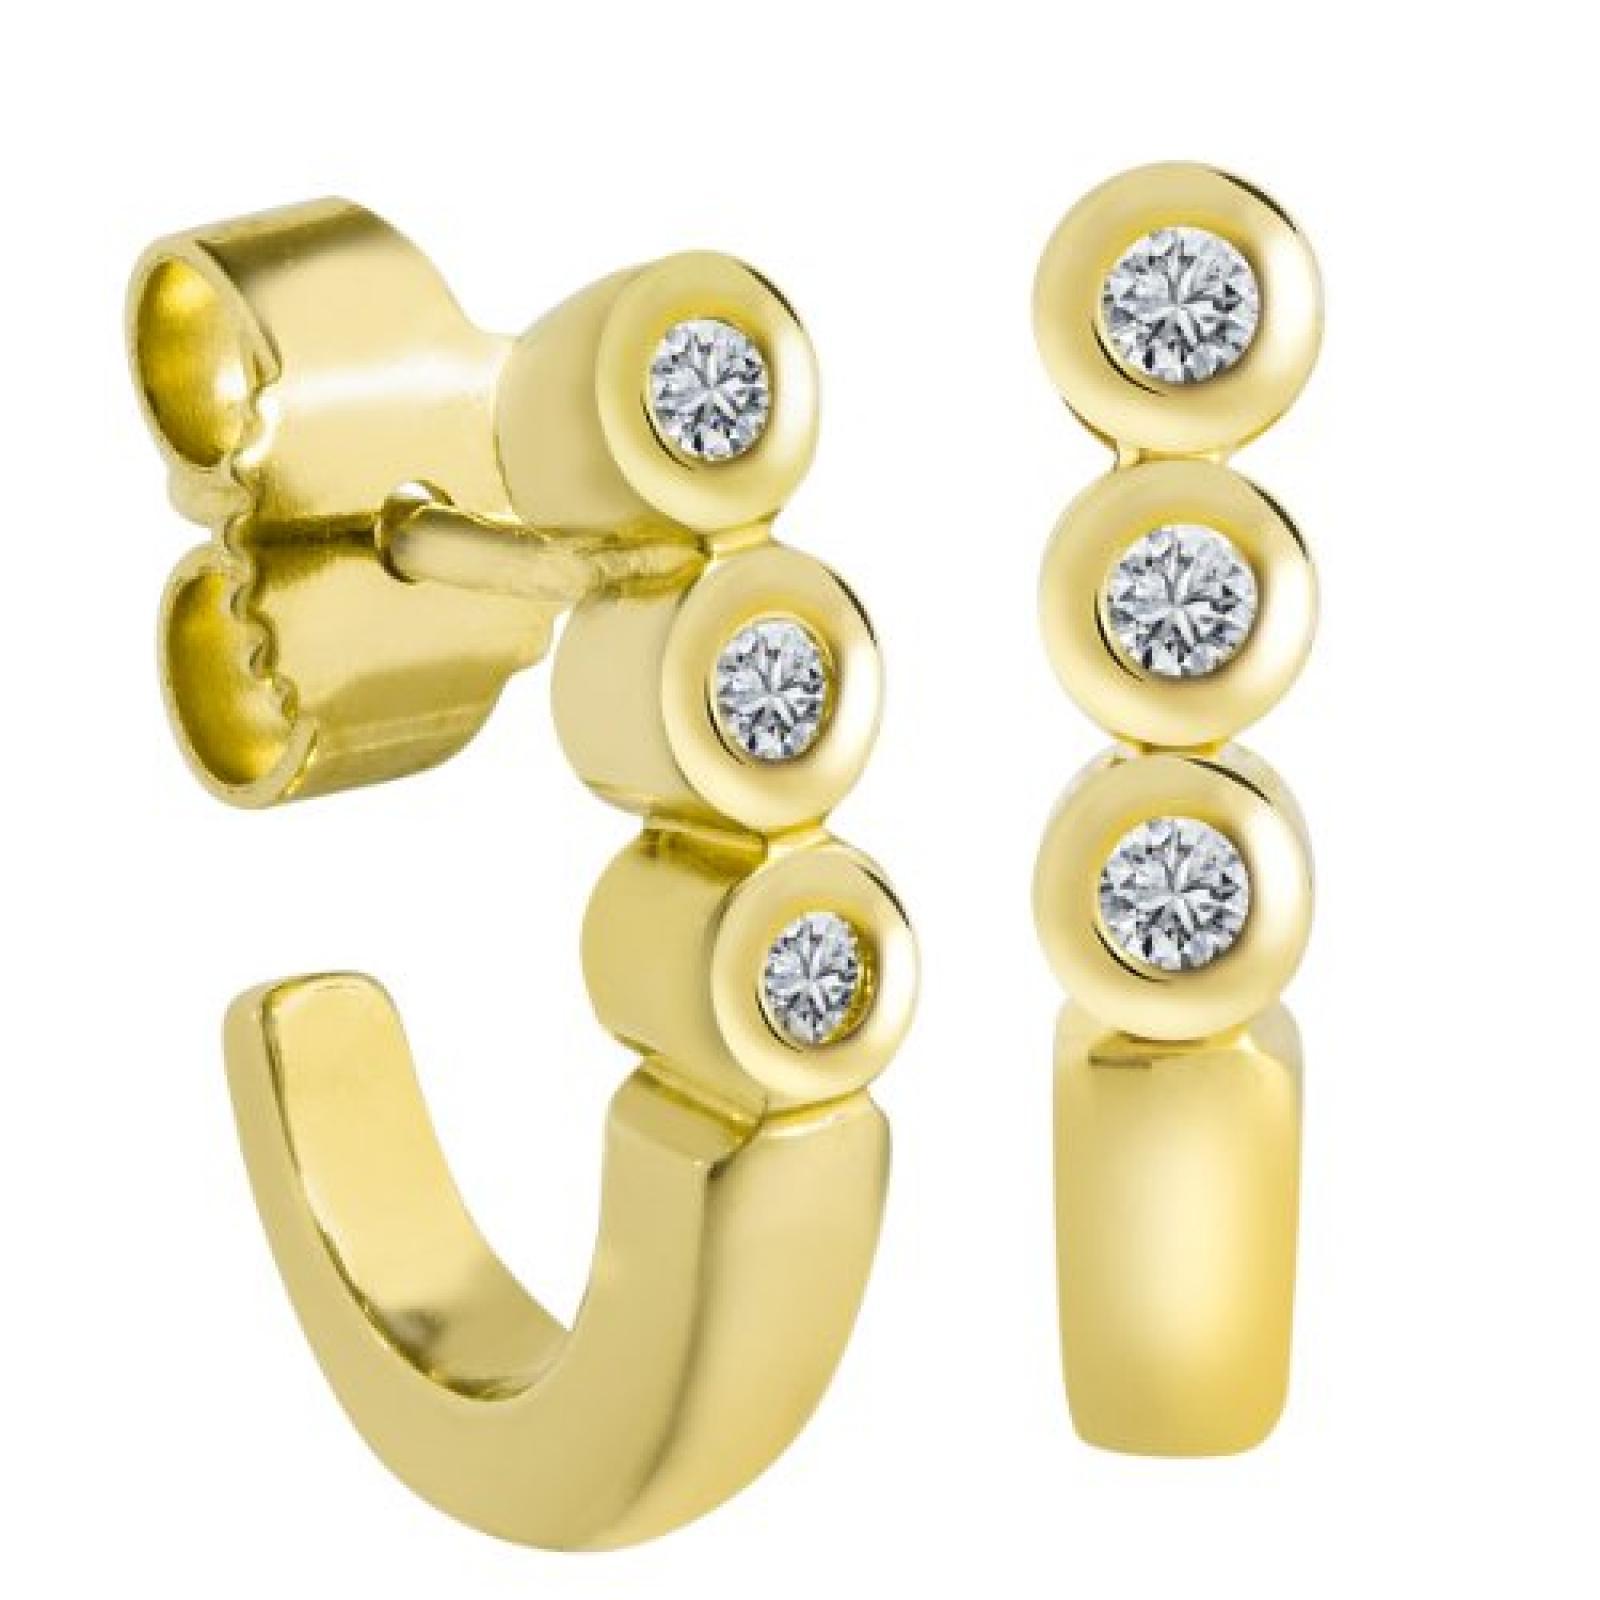 Bella Donna Damen-Ohrstecker 14 Karat 585 Gelbgold 6 Brillanten 0,12ct. getöntes Weiss Lupenrein 924550